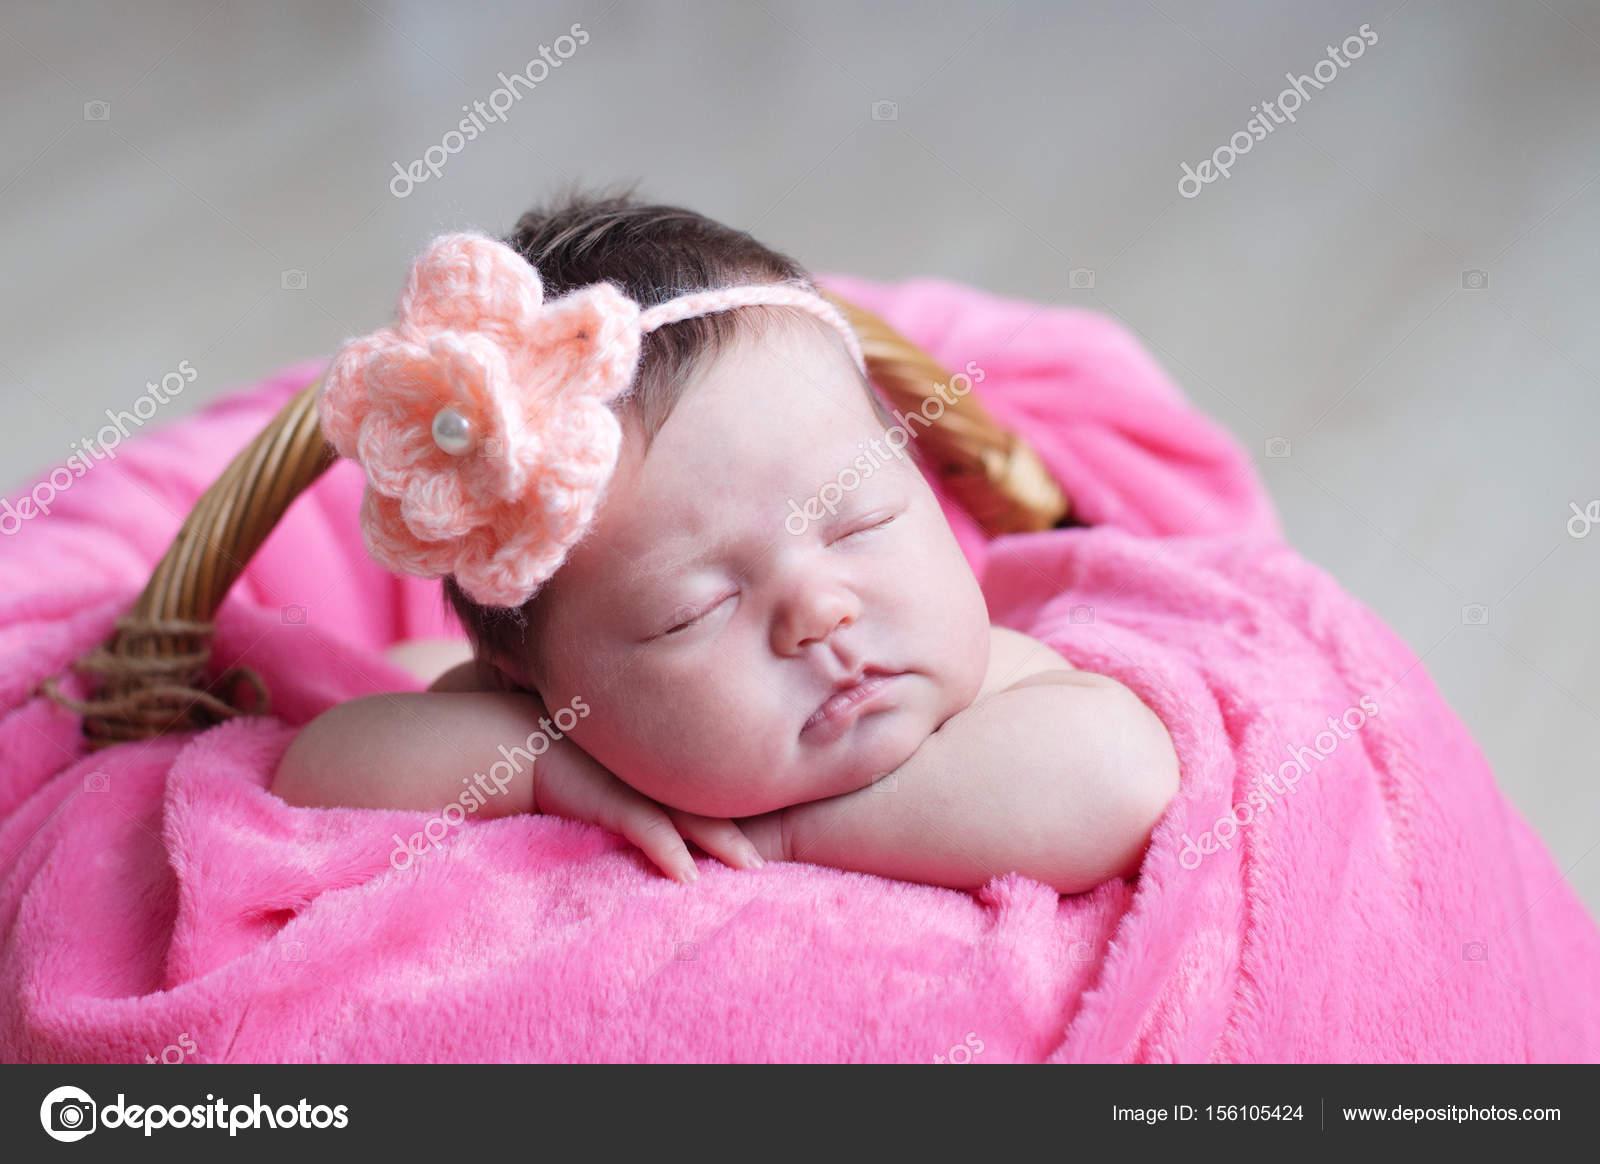 Recién nacido durmiendo con flor tejida en la cabeza. Bebé niña en rosa  manta en e29ffb72e79e